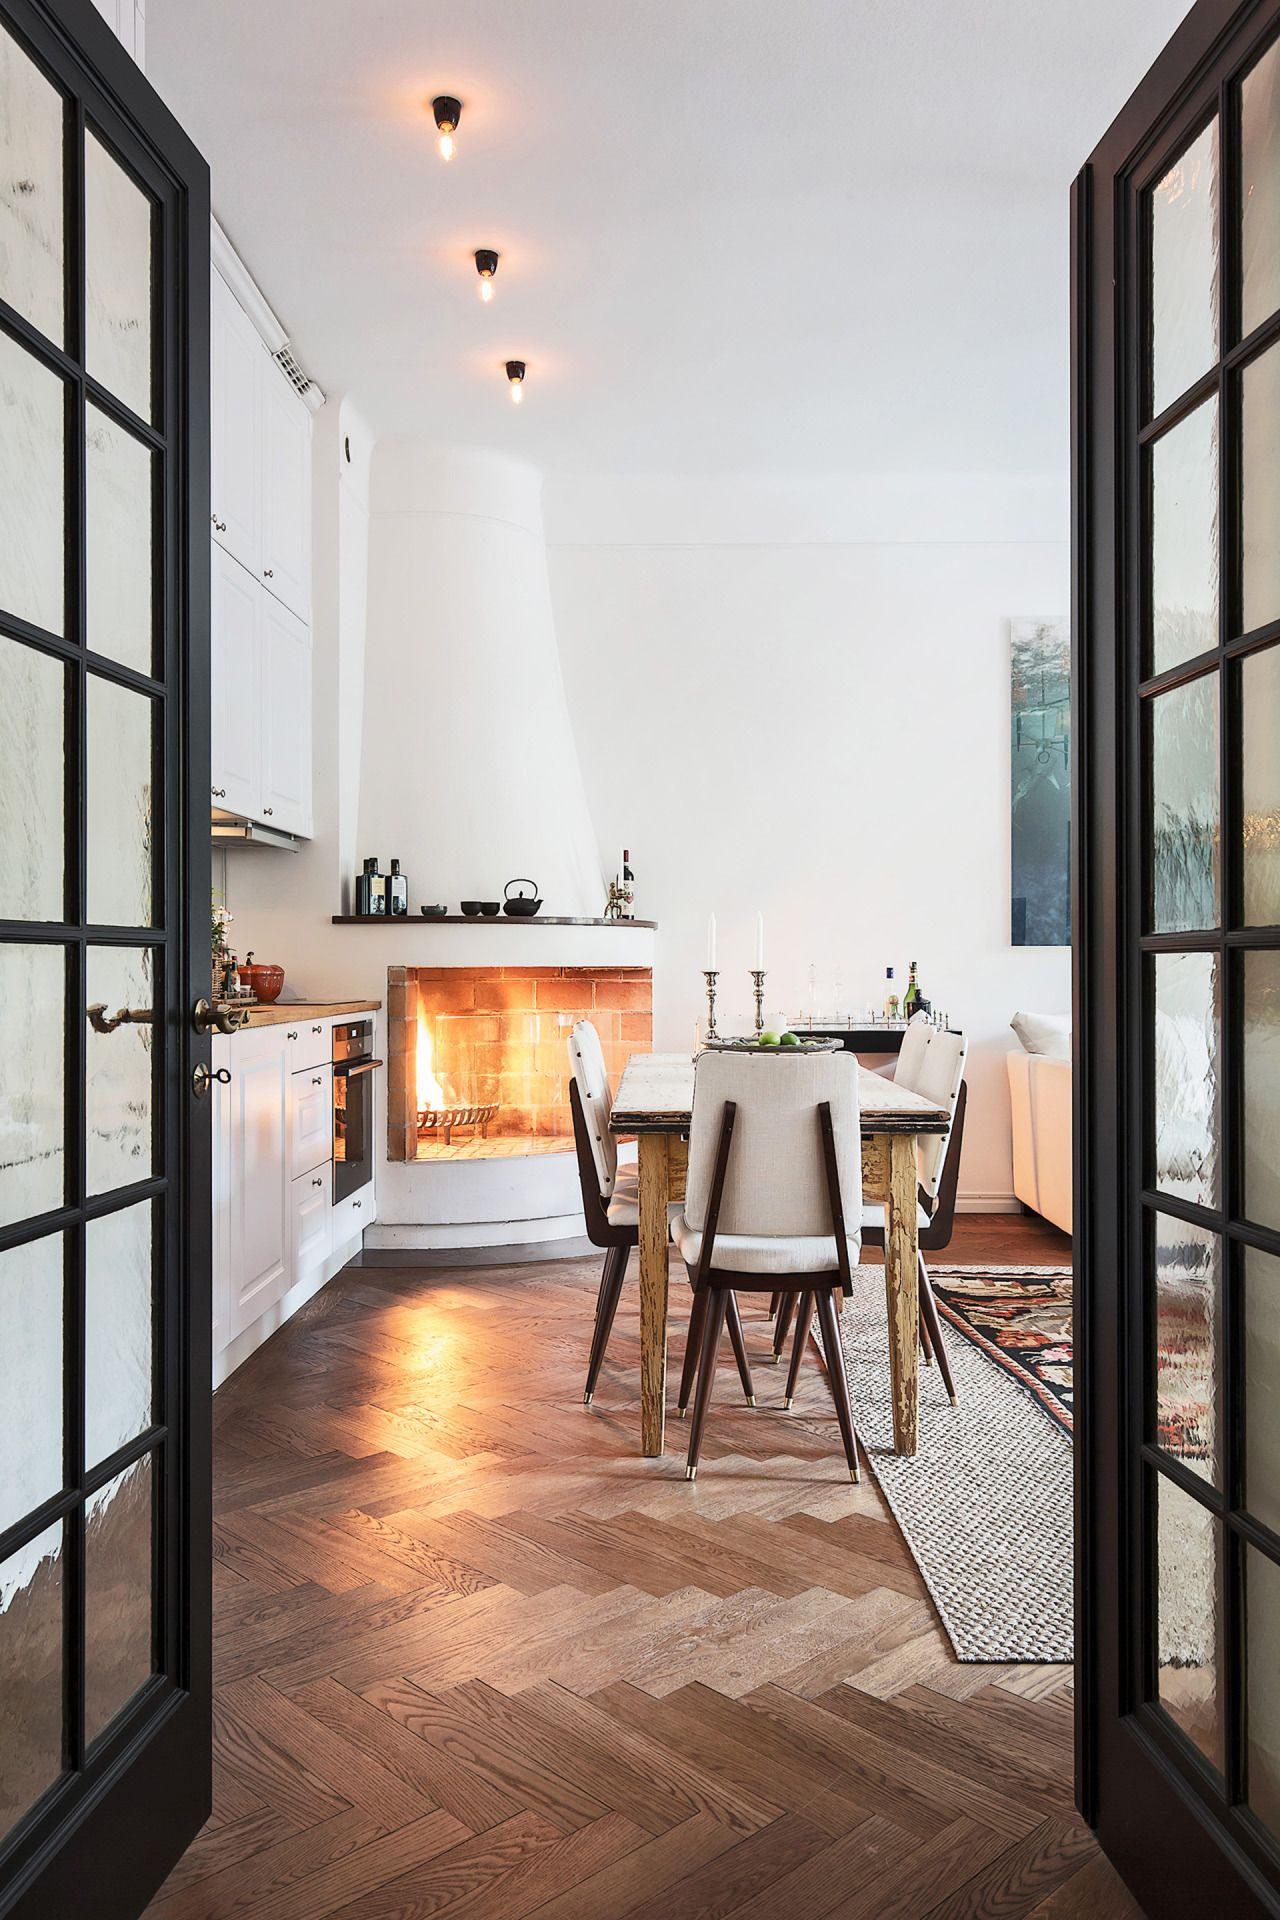 El lujo de una chimenea en tu piso cocina comedor y for Decoracion de salones con cocina integrada